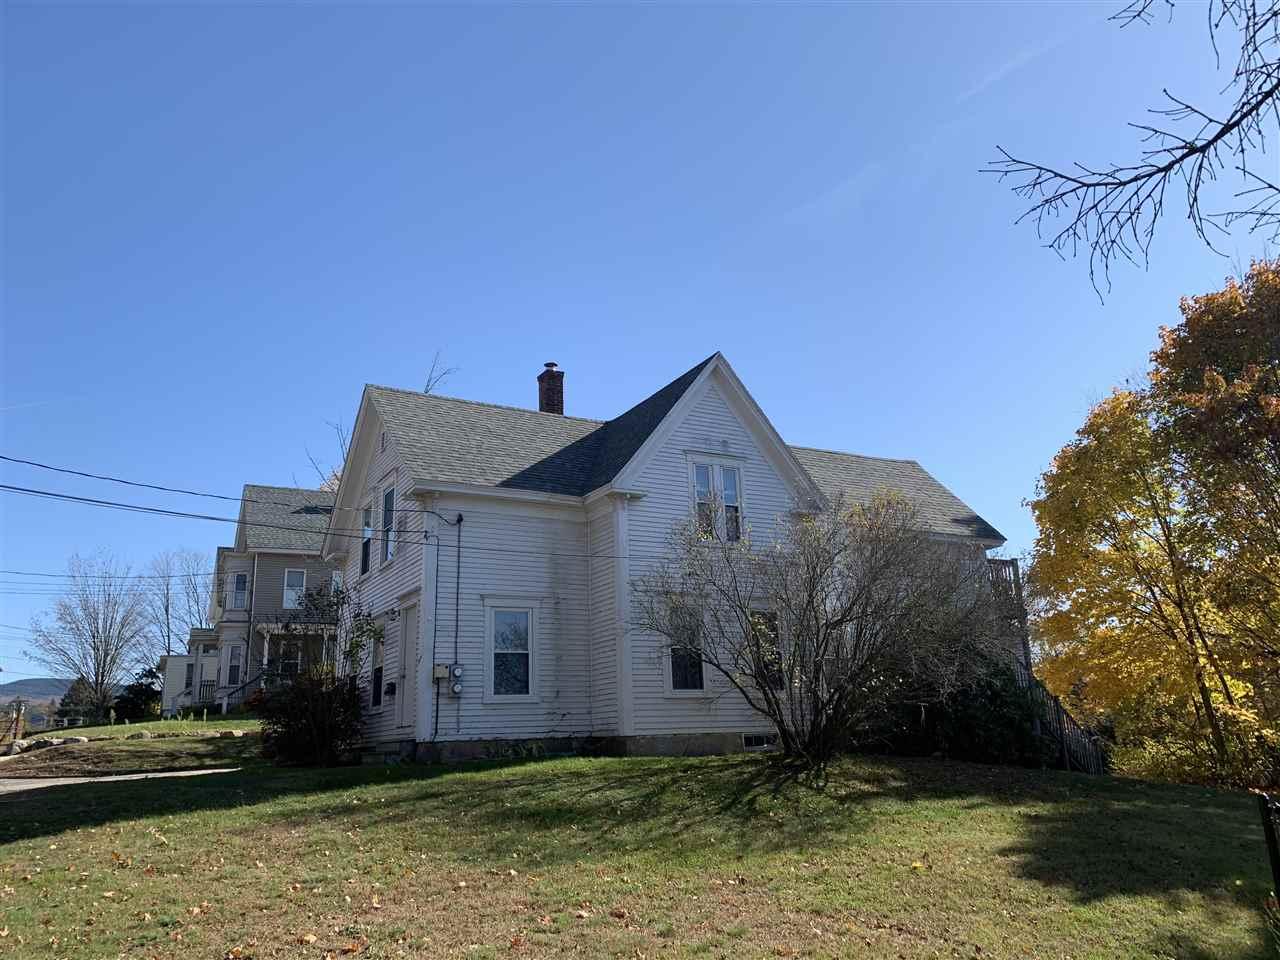 Photo of 207 Gilford Avenue Laconia NH 03246